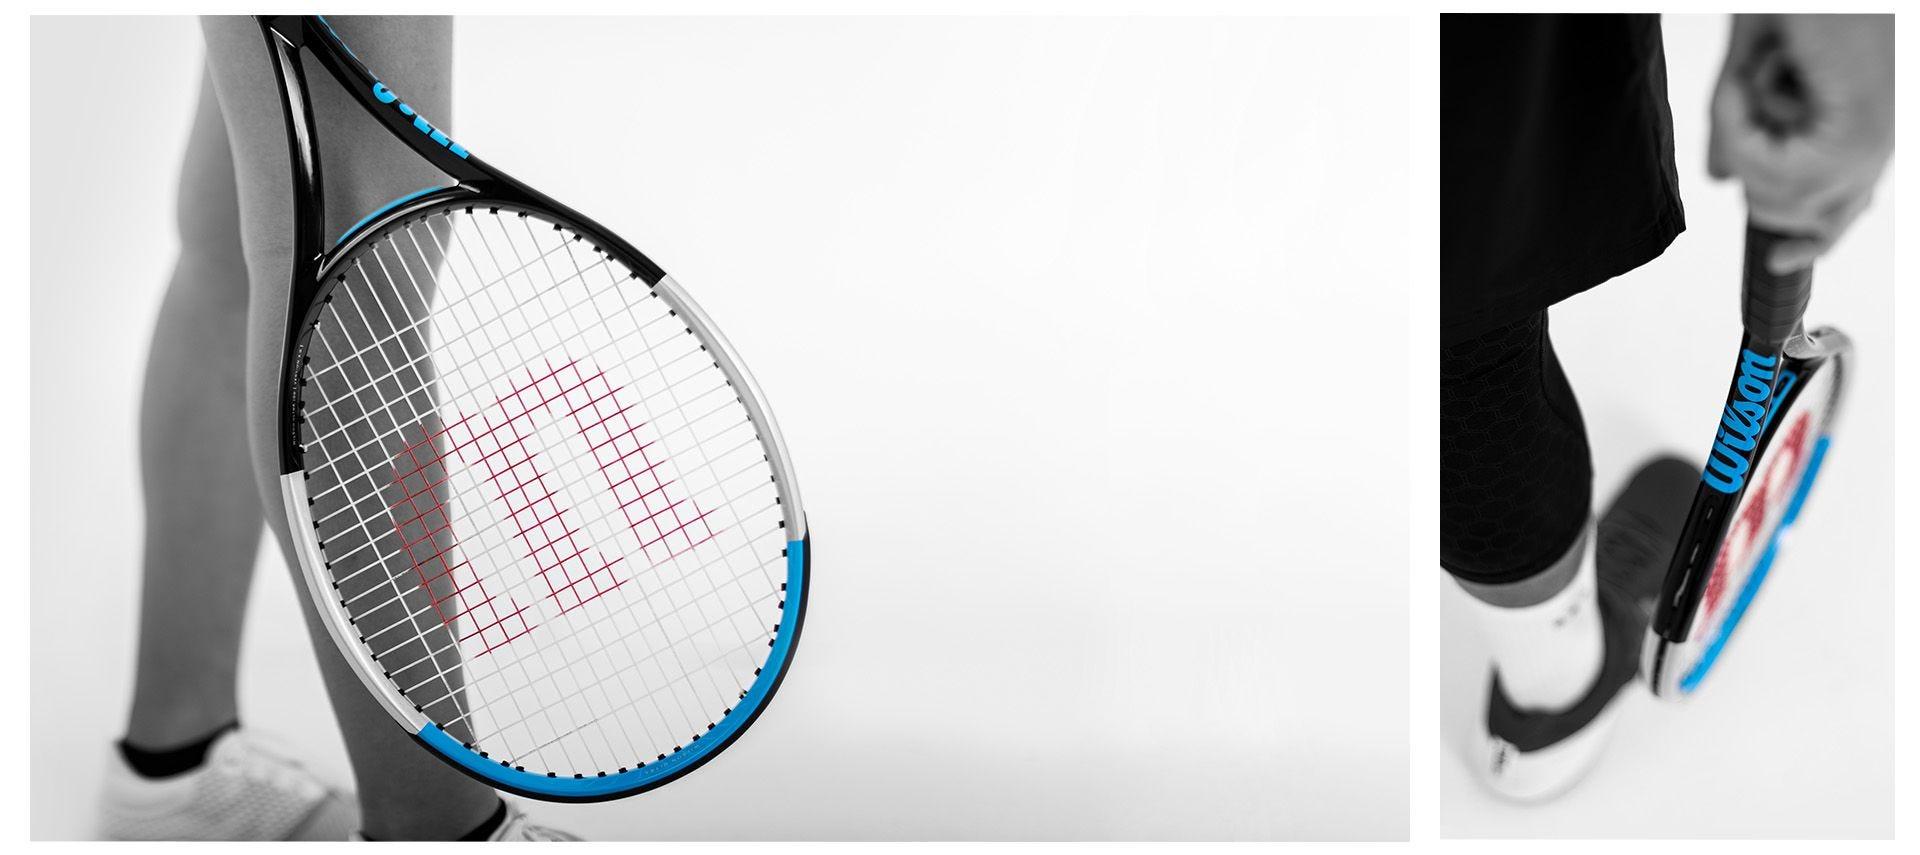 Ultra v3 Range of rackets